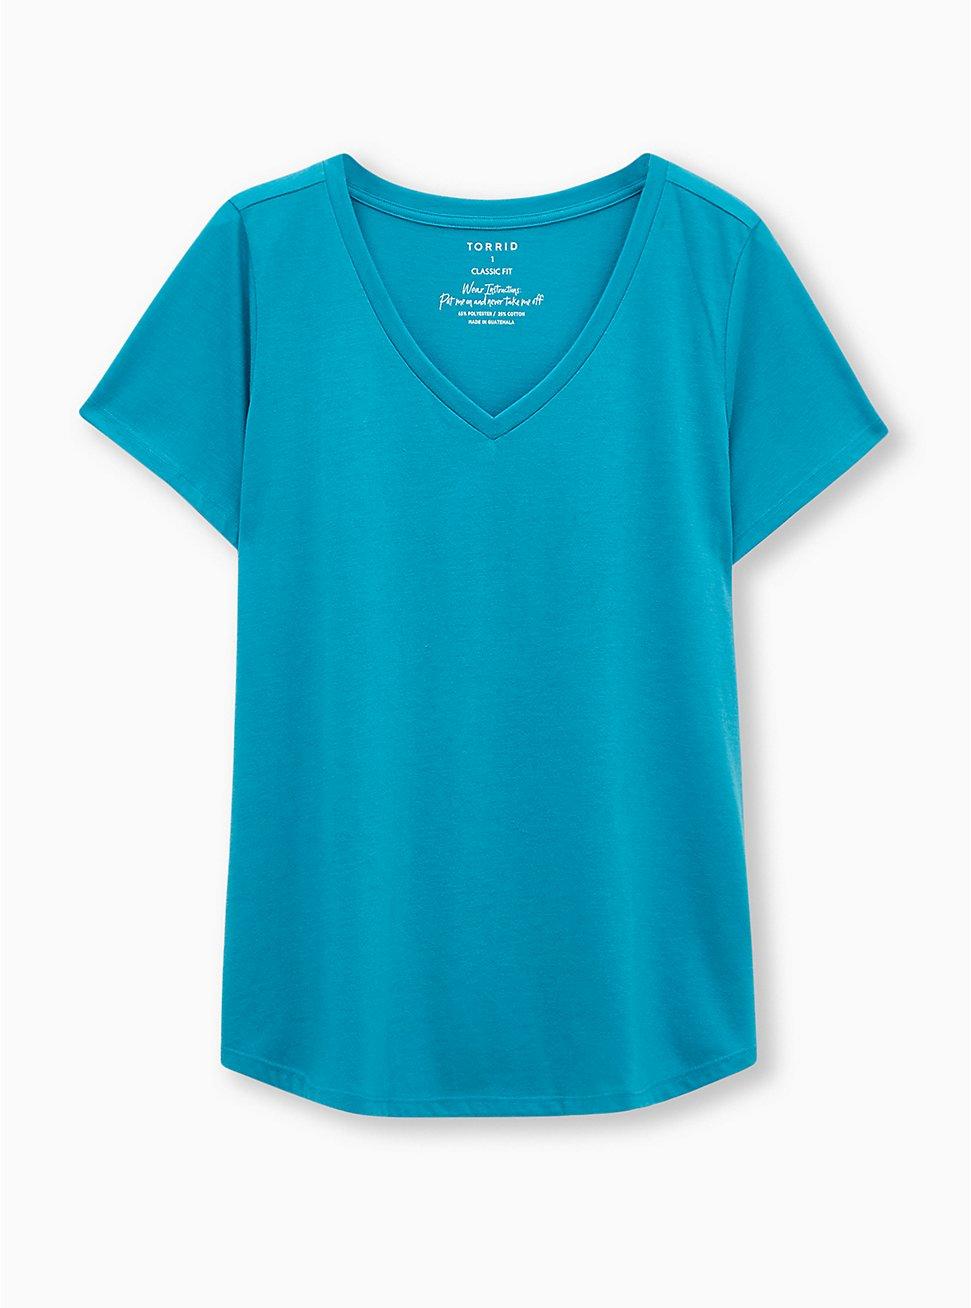 Girlfriend Tee - Signature Jersey Aqua, TEAL, hi-res